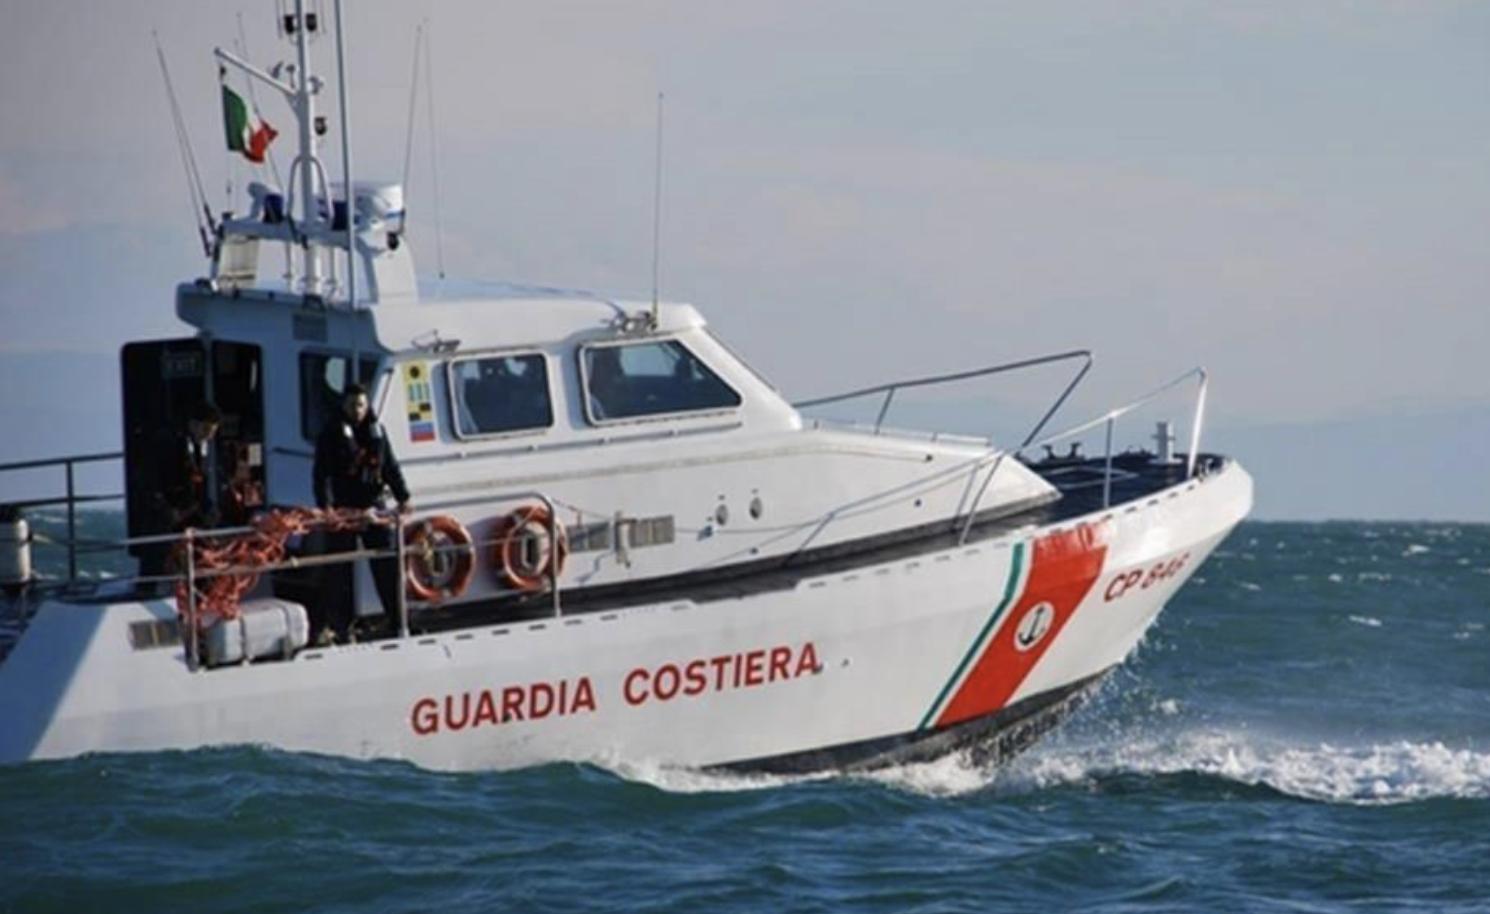 guardia costiera isole tremiti operazione mare sicuro